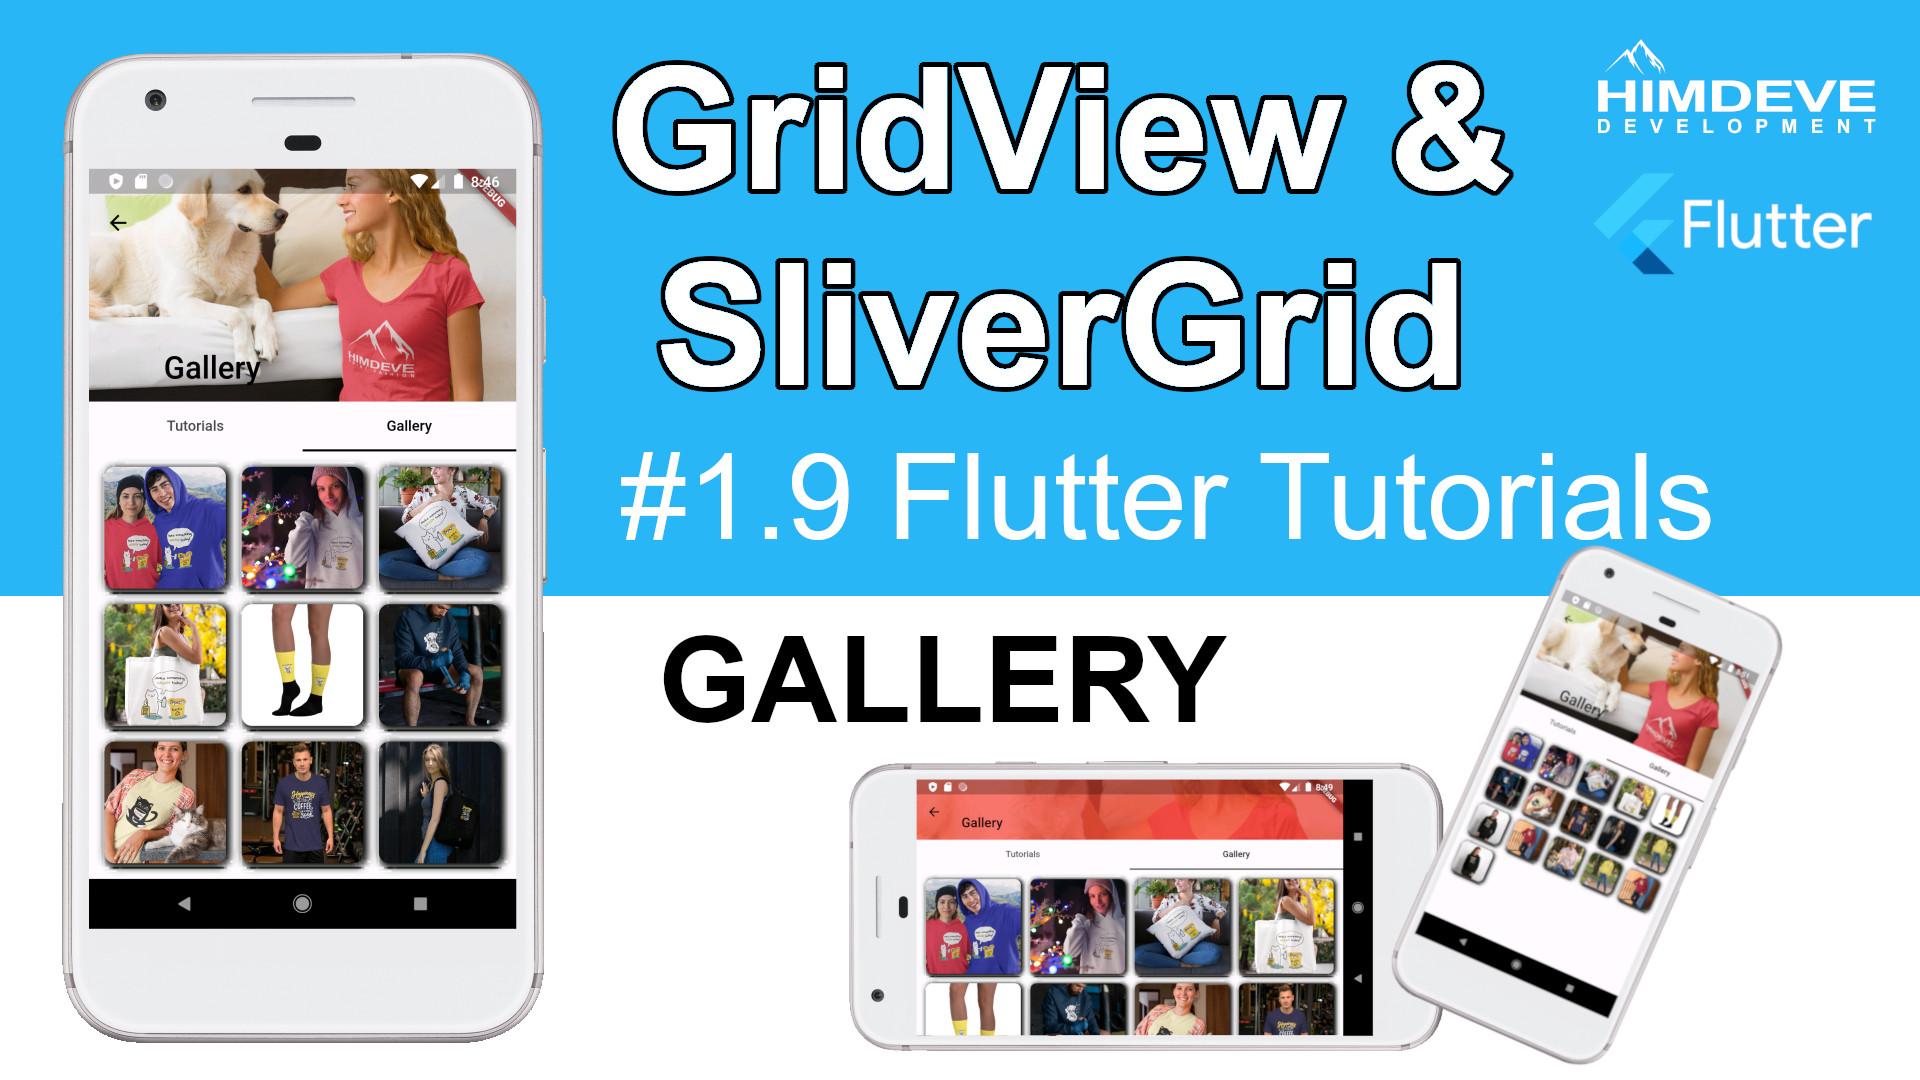 #1_9 GridView & SliverGrid Flutter Tutorials